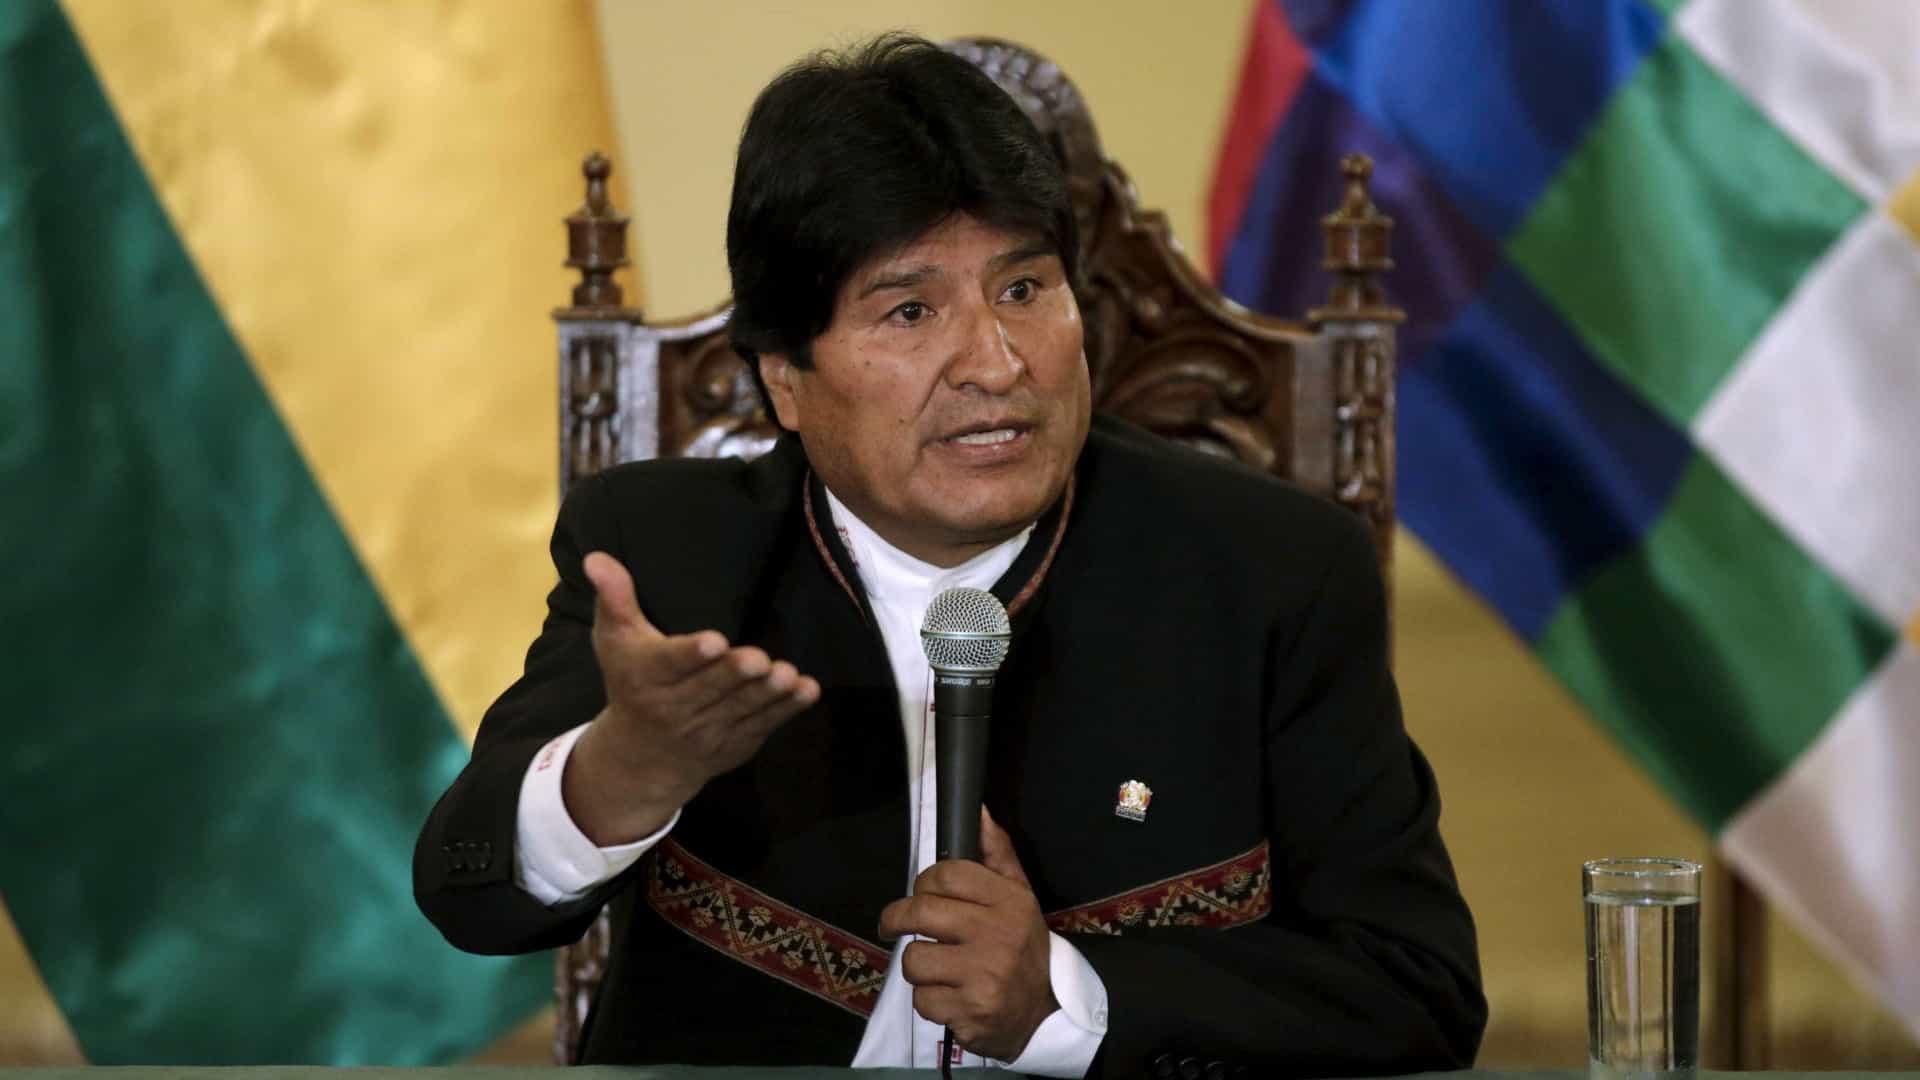 méxico oferece asilo ao presidente da bolívia após a renúncia do cargo - Evo Morales 1 - México oferece asilo ao Presidente da Bolívia após a renúncia do cargo